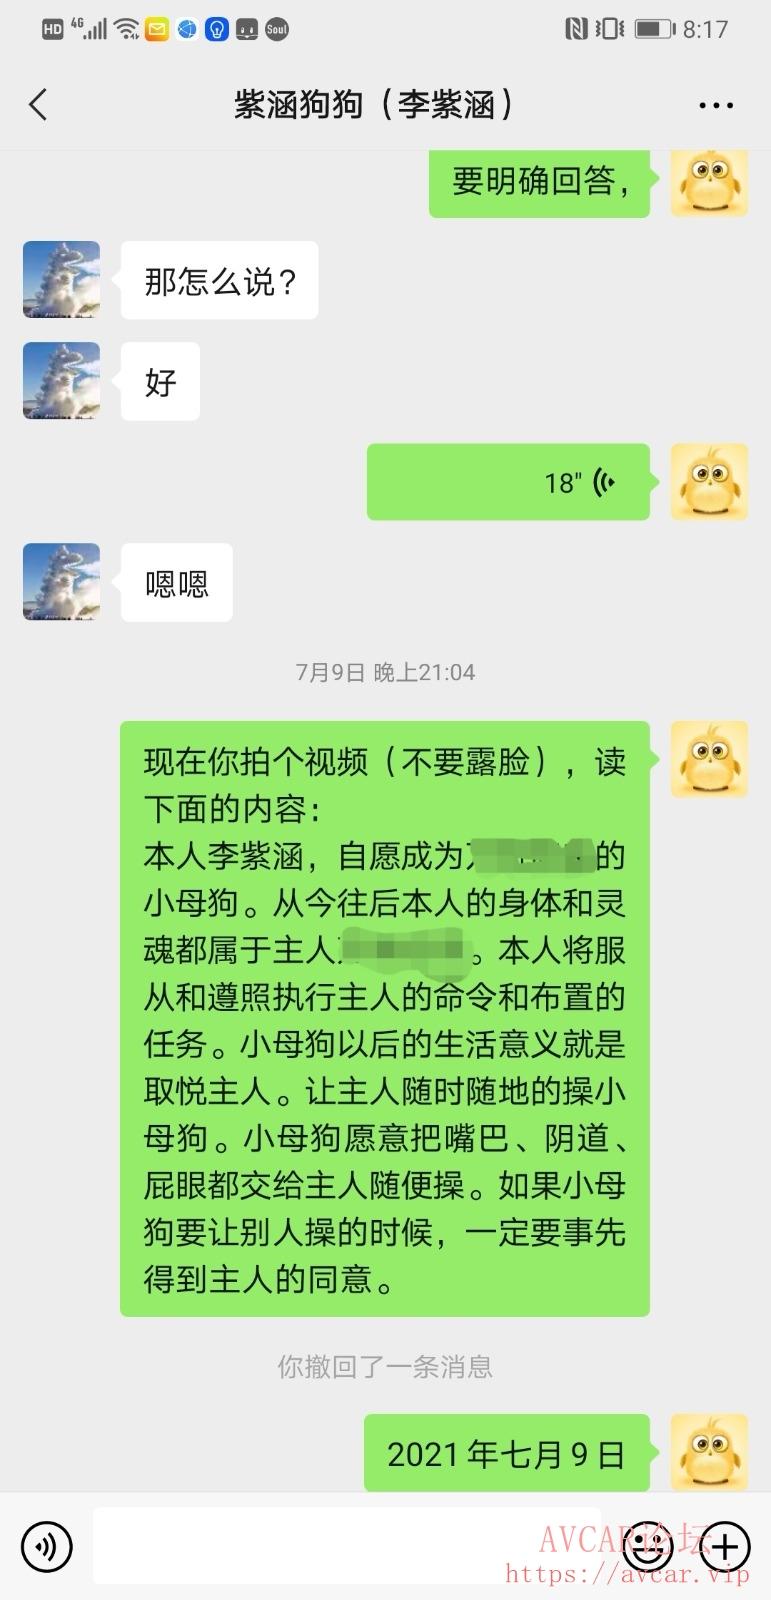 Screenshot_20210715_201757_com.tencent.mm_edit_570108468837485.jpg